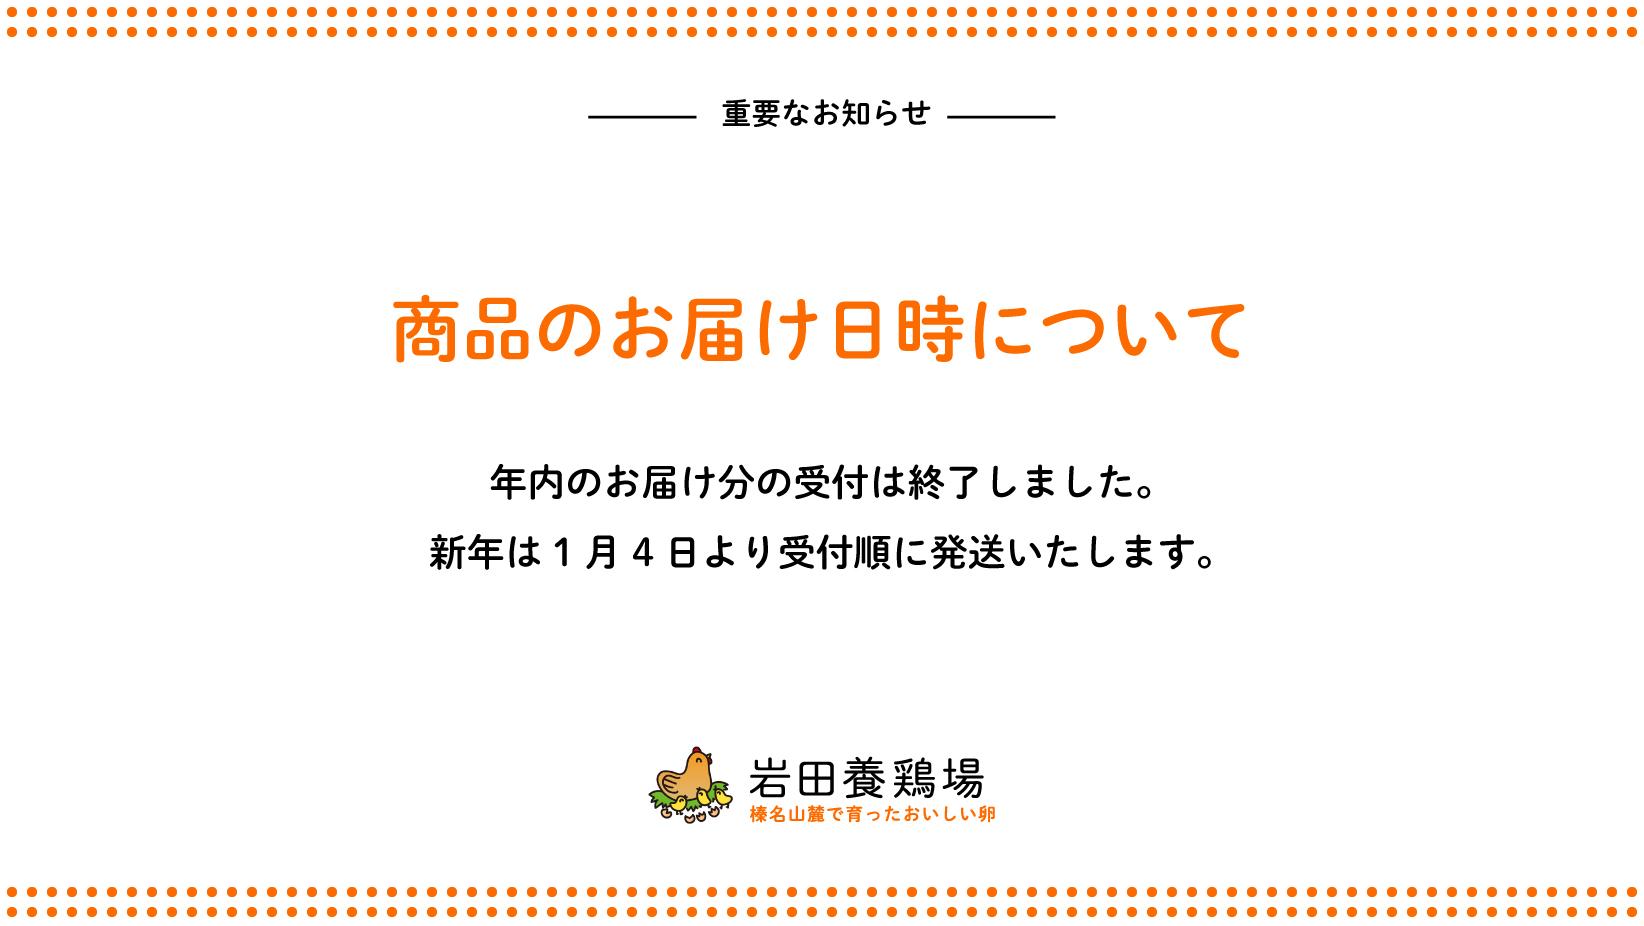 サイトリニューアルお知らせ